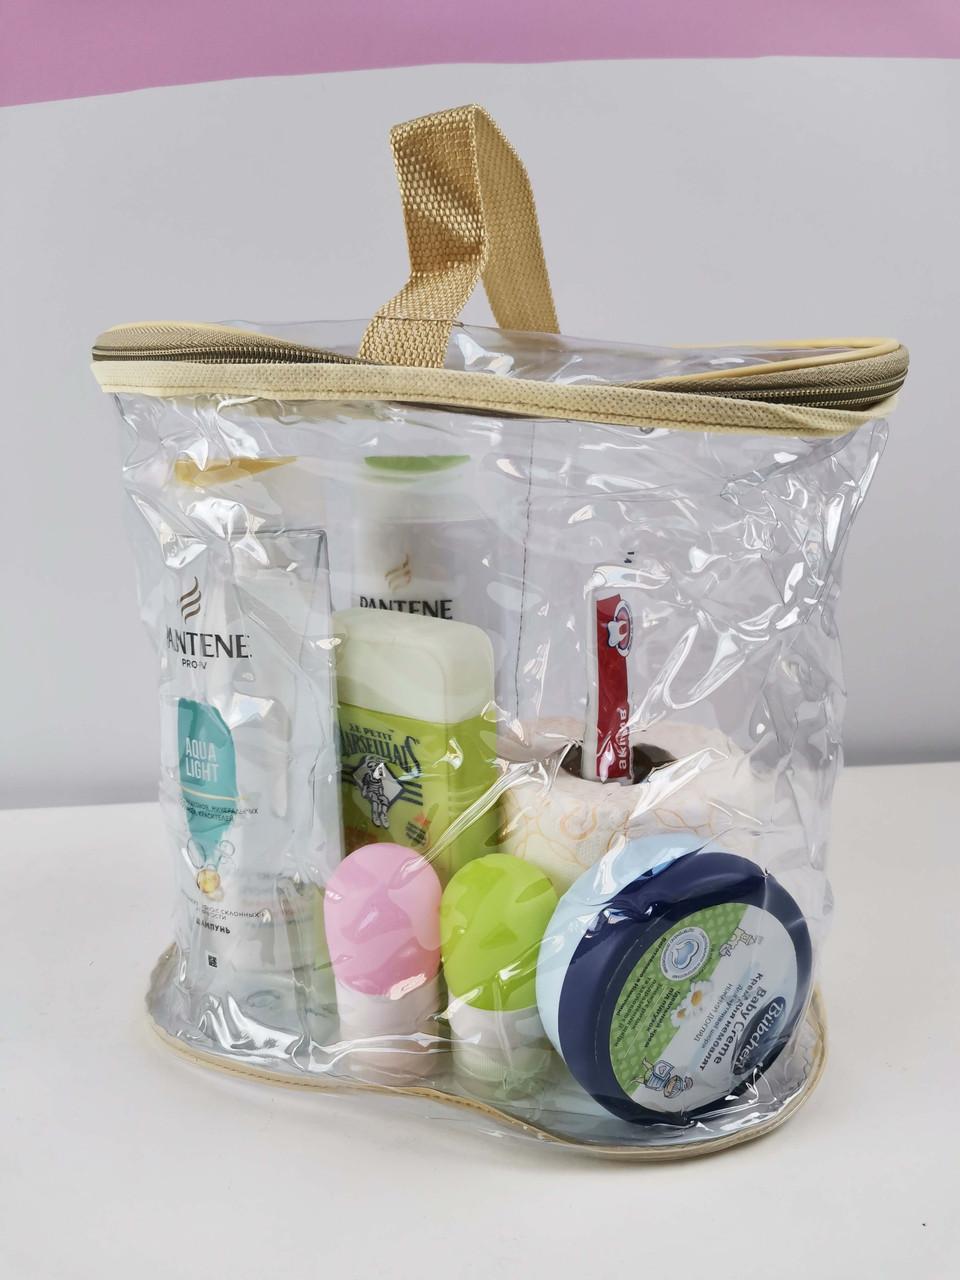 Прозора сумка-косметичка у пологовий будинок/медикаментів для/для іграшок